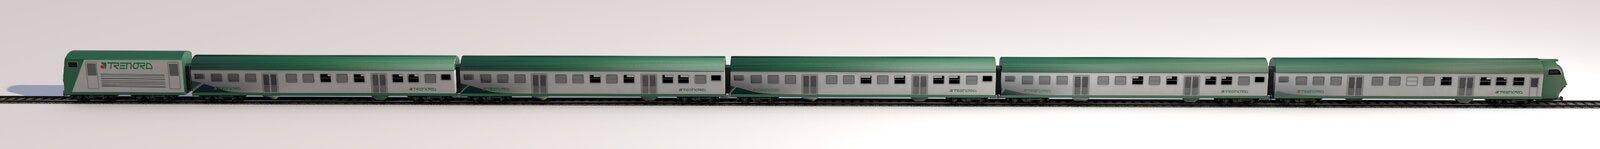 Sidosikt av ett drev, järnväg eskortfartyg Trenord milan italy stock illustrationer